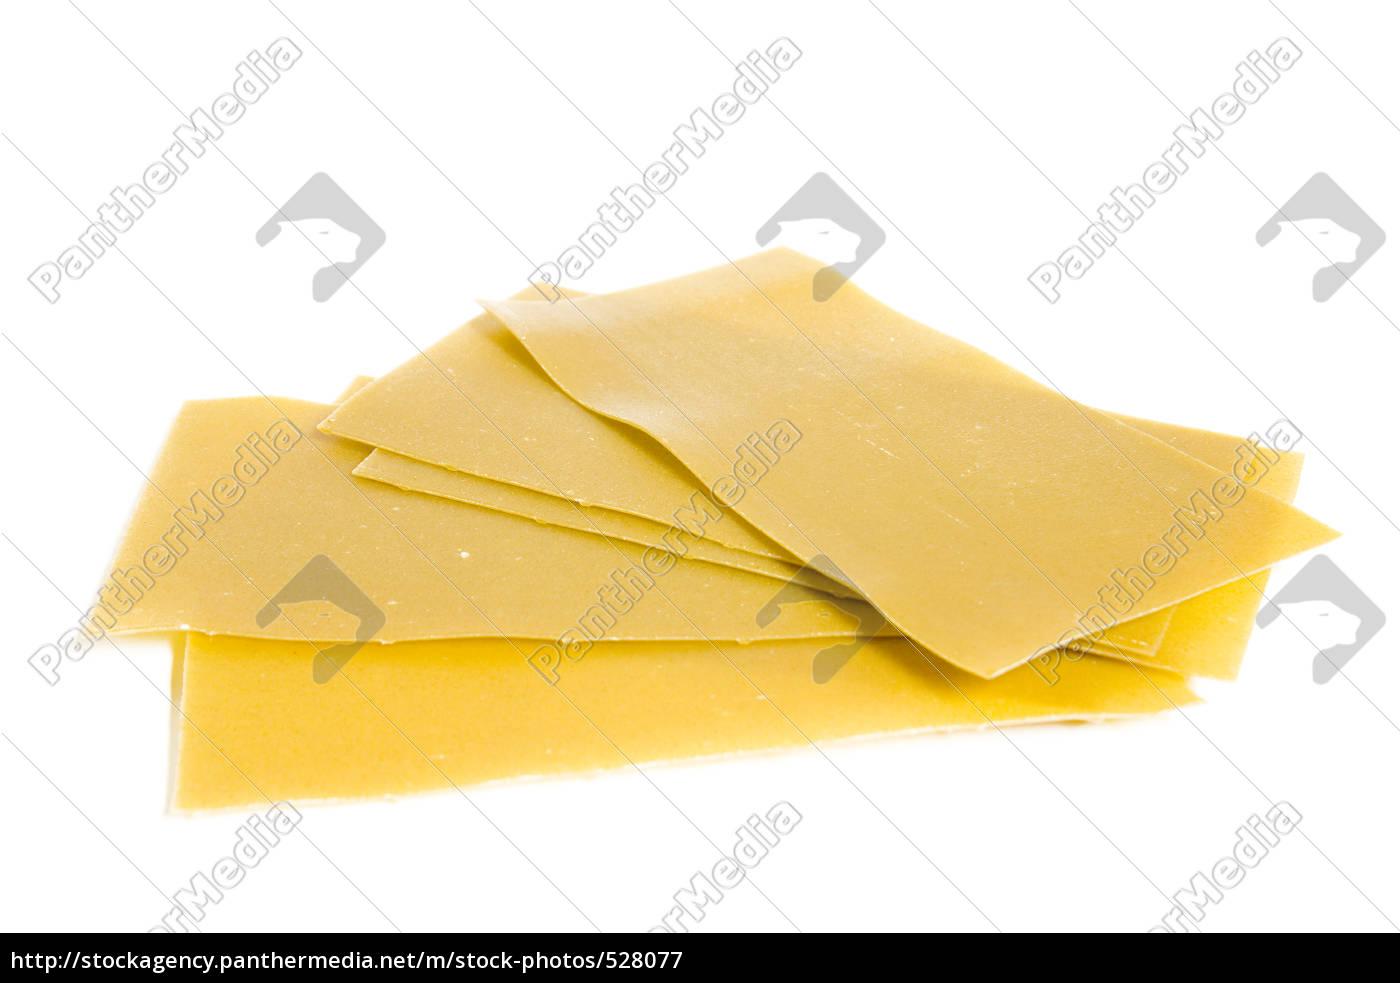 lasagna, noodles - 528077